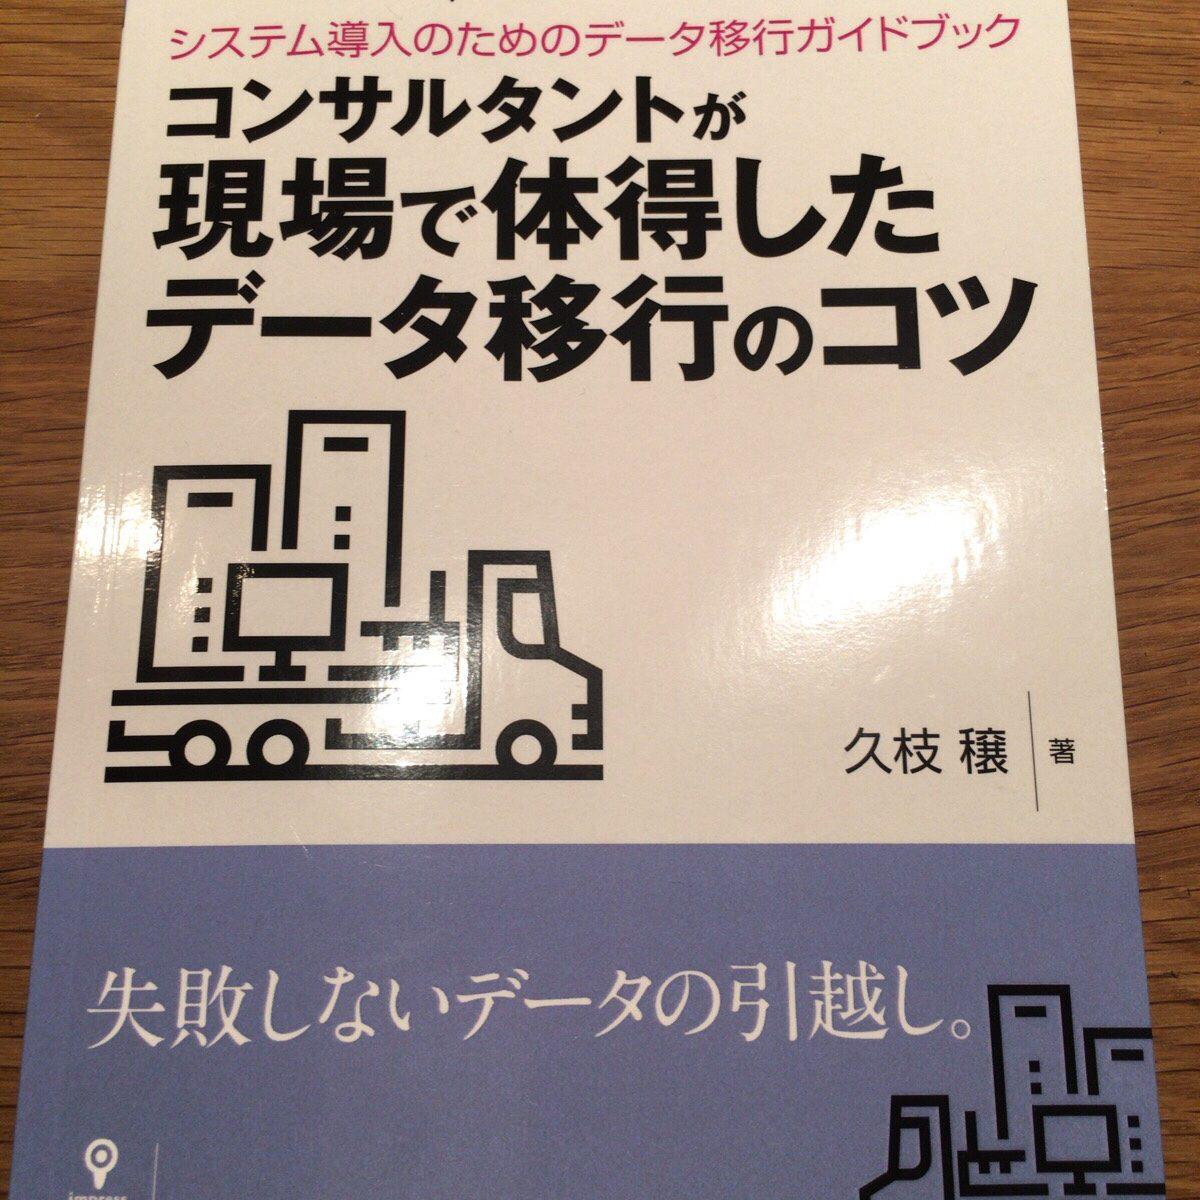 紙版の外観「システム導入のためのデータ移行ガイドブック」